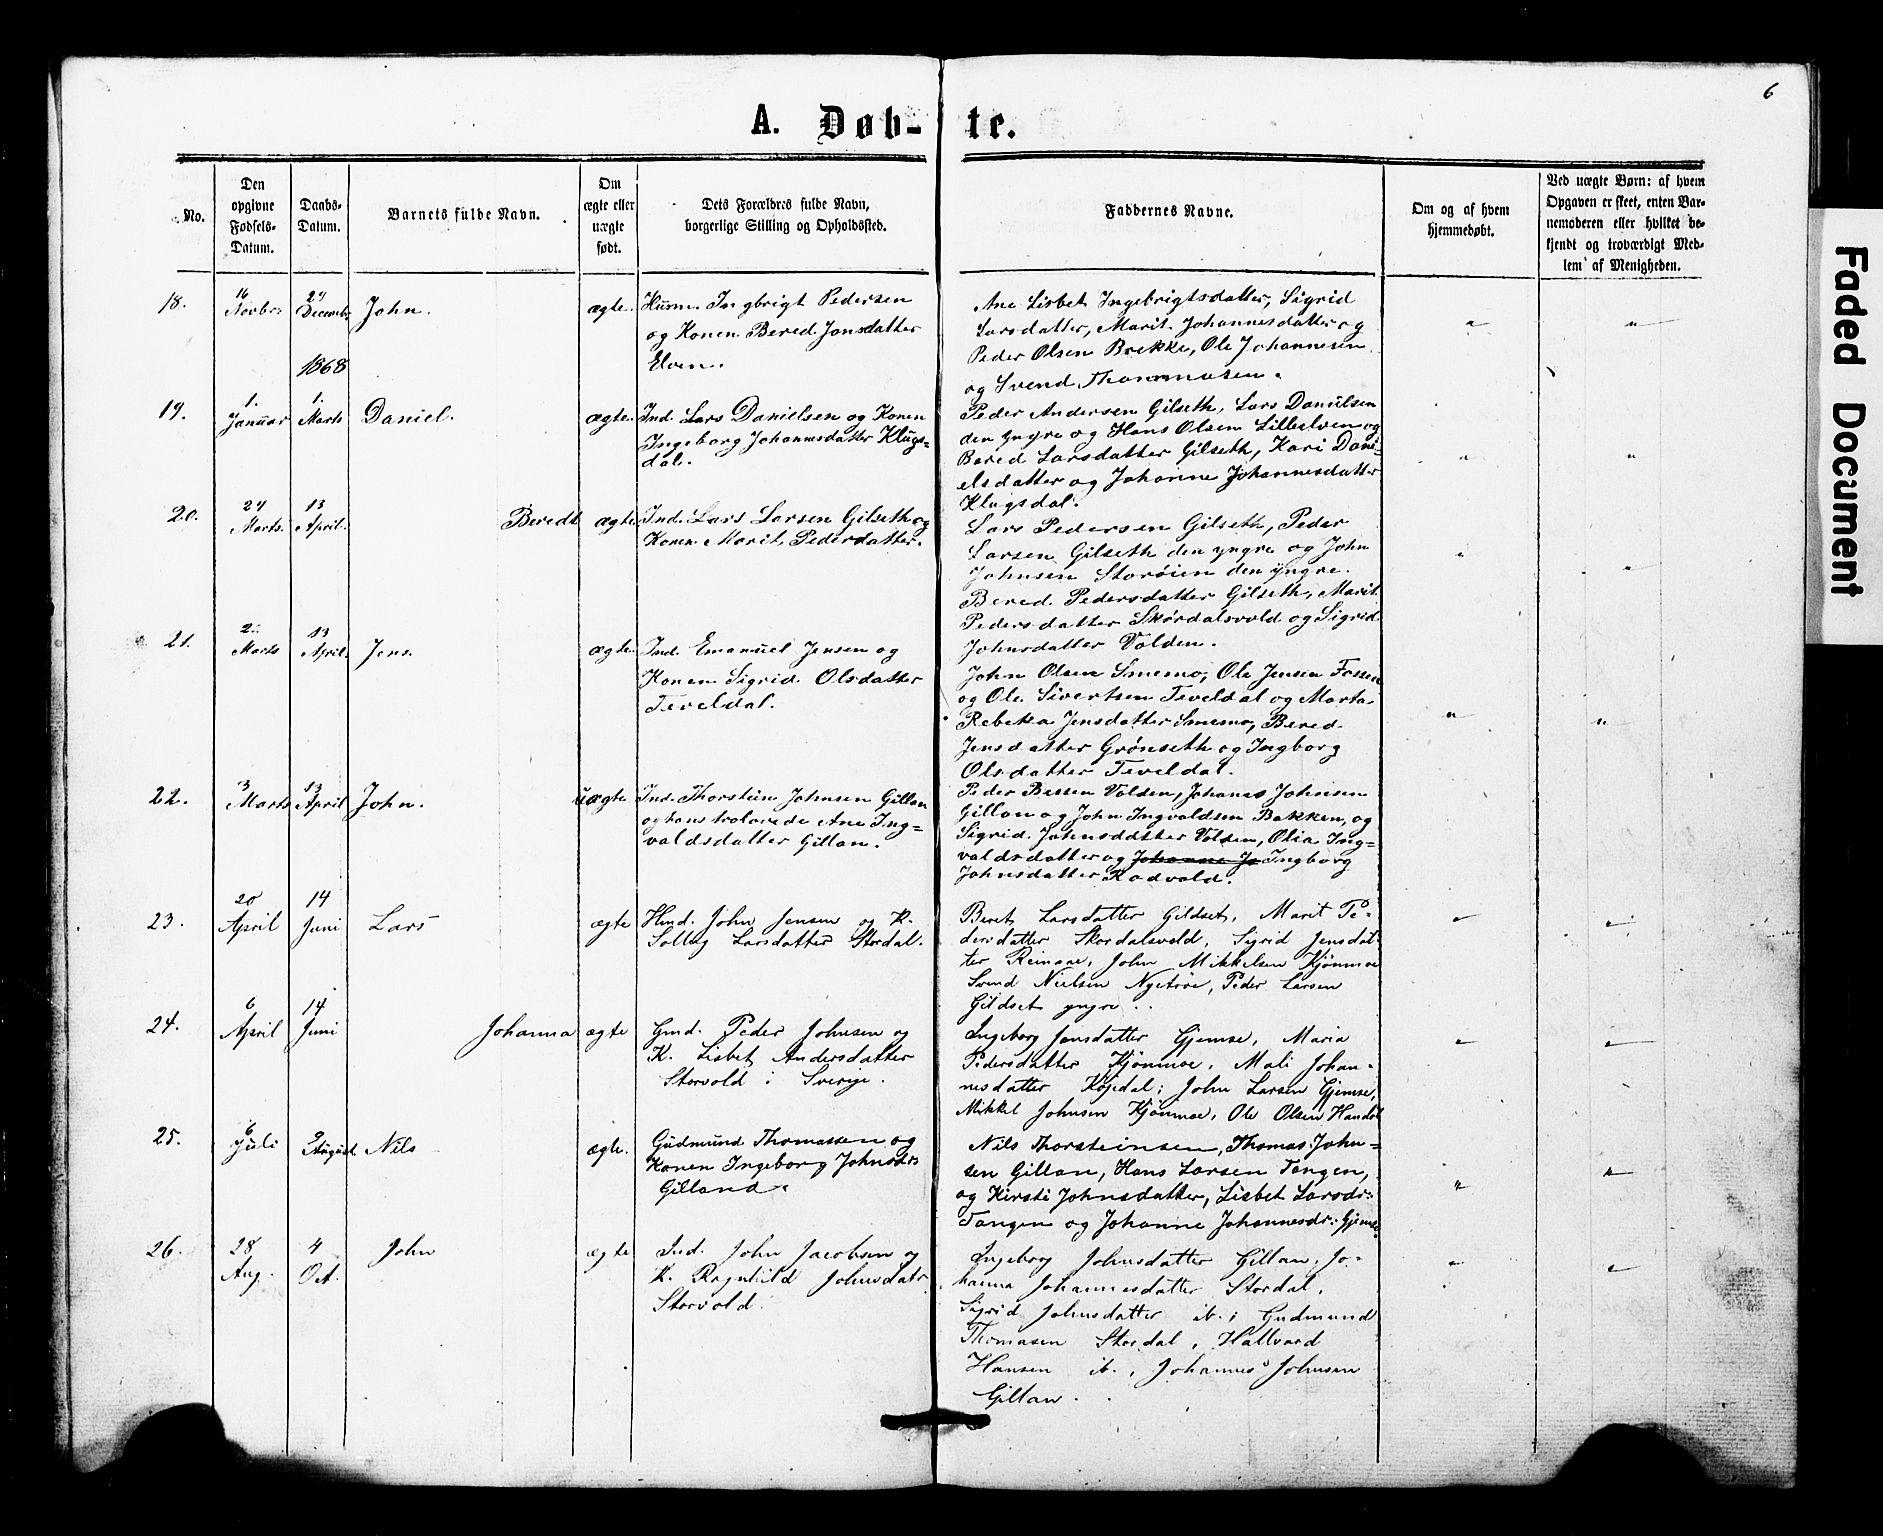 SAT, Ministerialprotokoller, klokkerbøker og fødselsregistre - Nord-Trøndelag, 707/L0052: Klokkerbok nr. 707C01, 1864-1897, s. 6